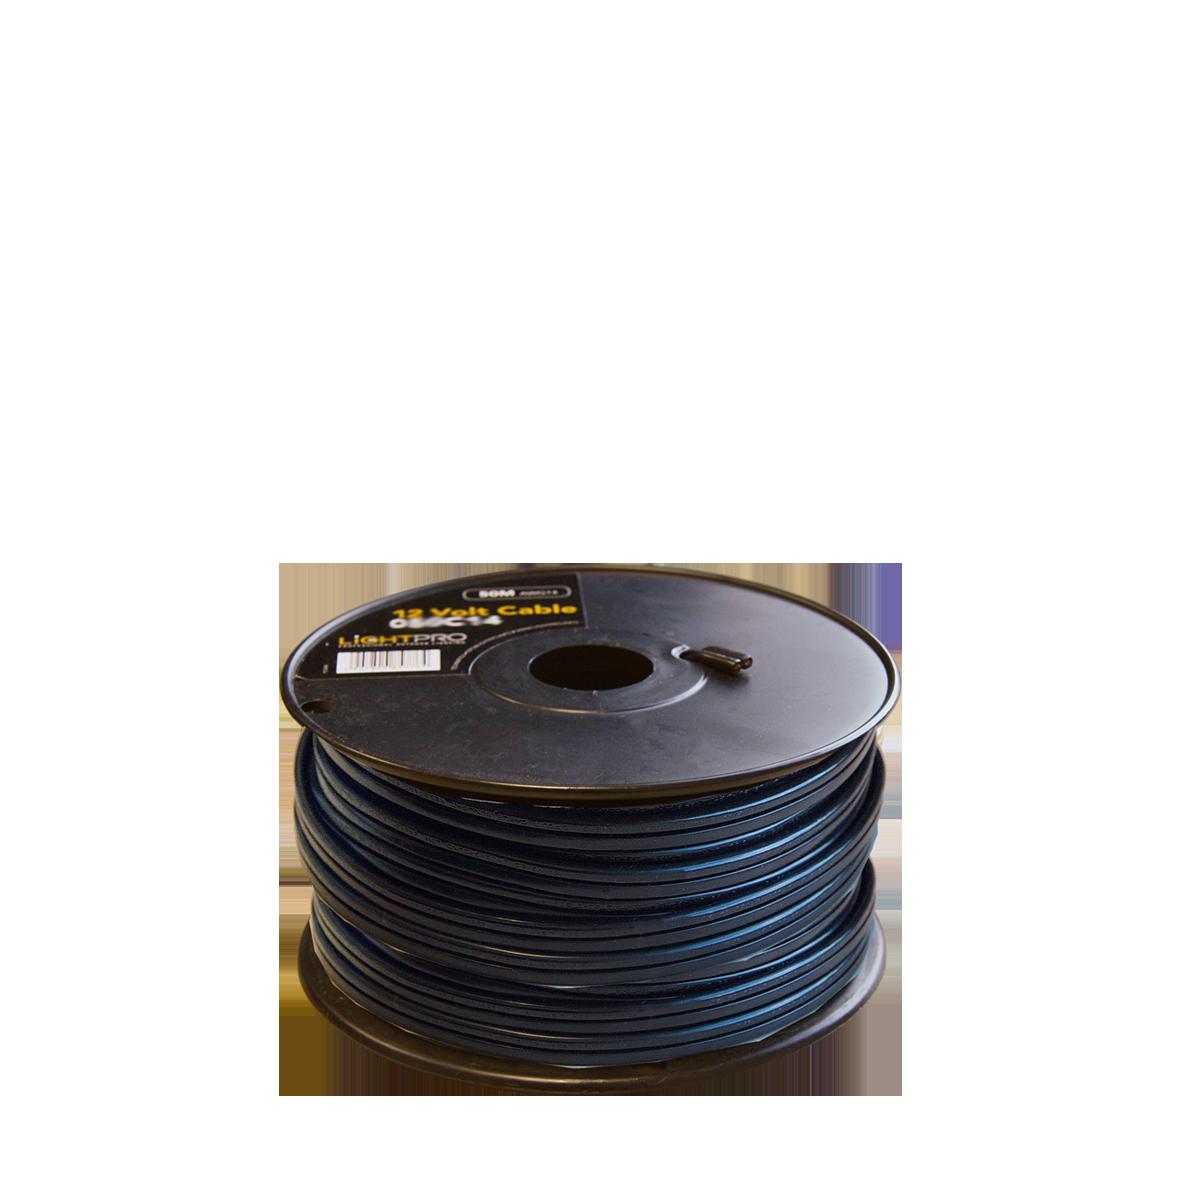 Kabel 25m 12v